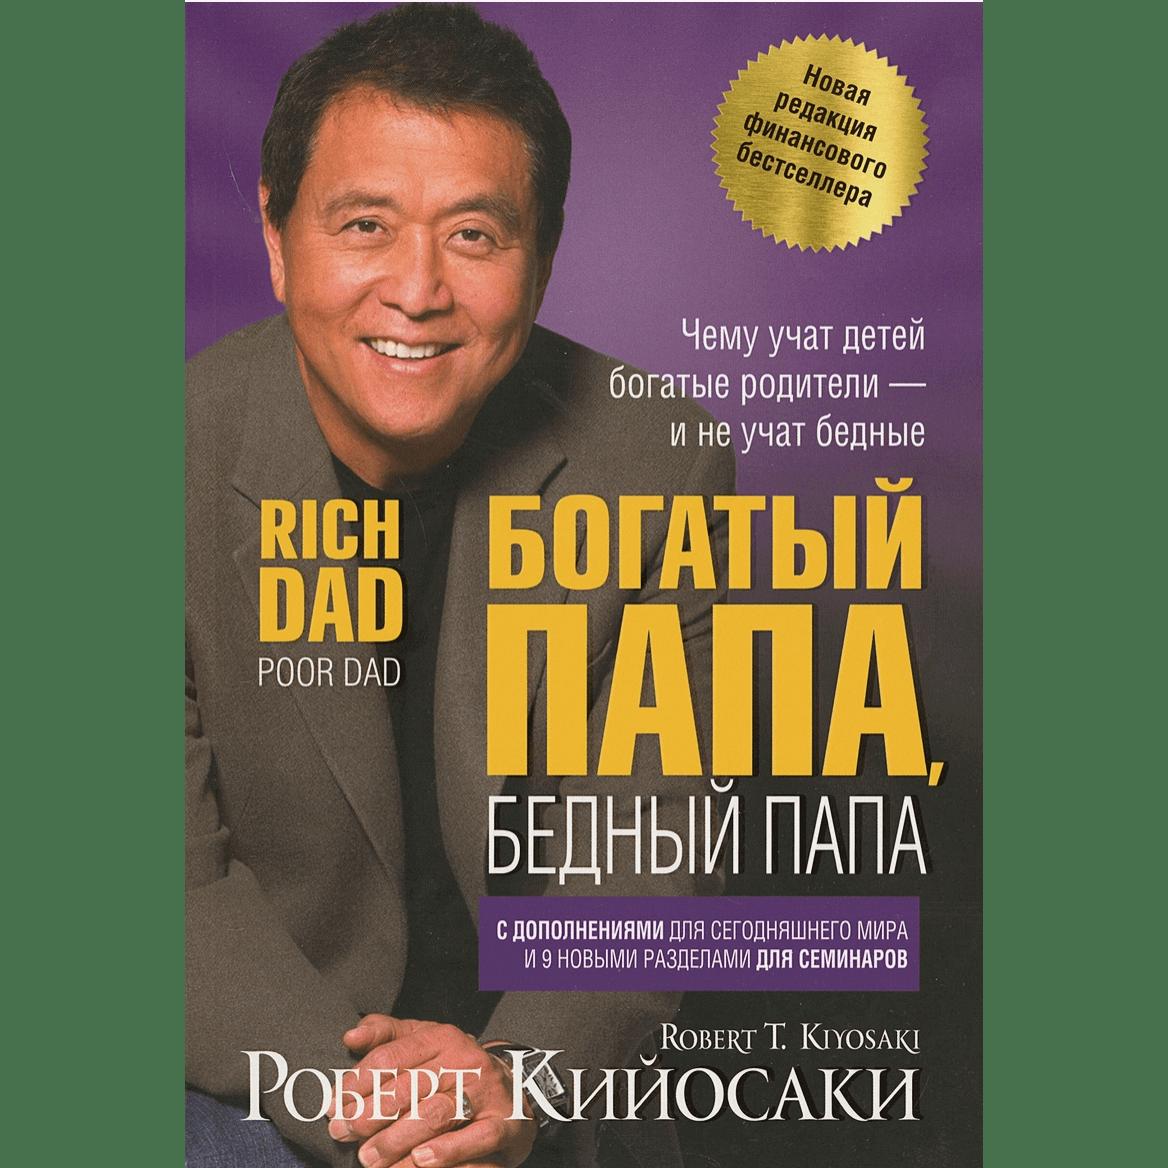 Роберт Кийосаки «Богатый папа, бедный папа»